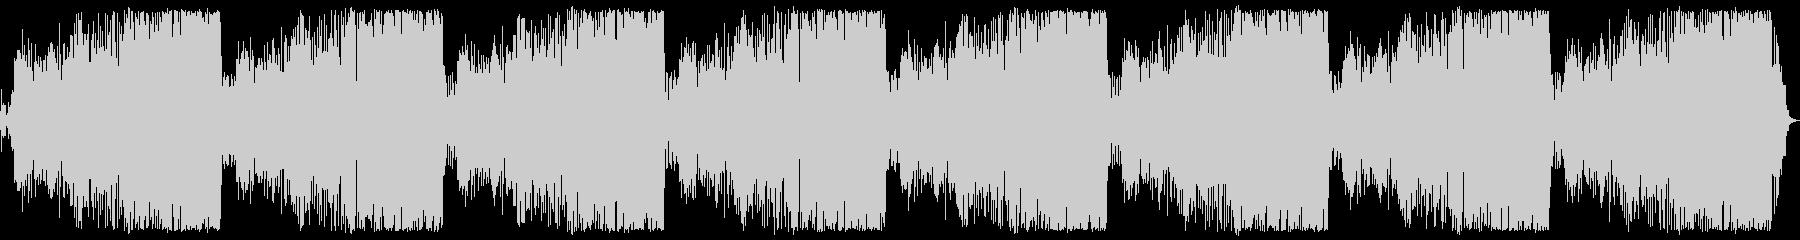 ロングバージョン(11分)の未再生の波形